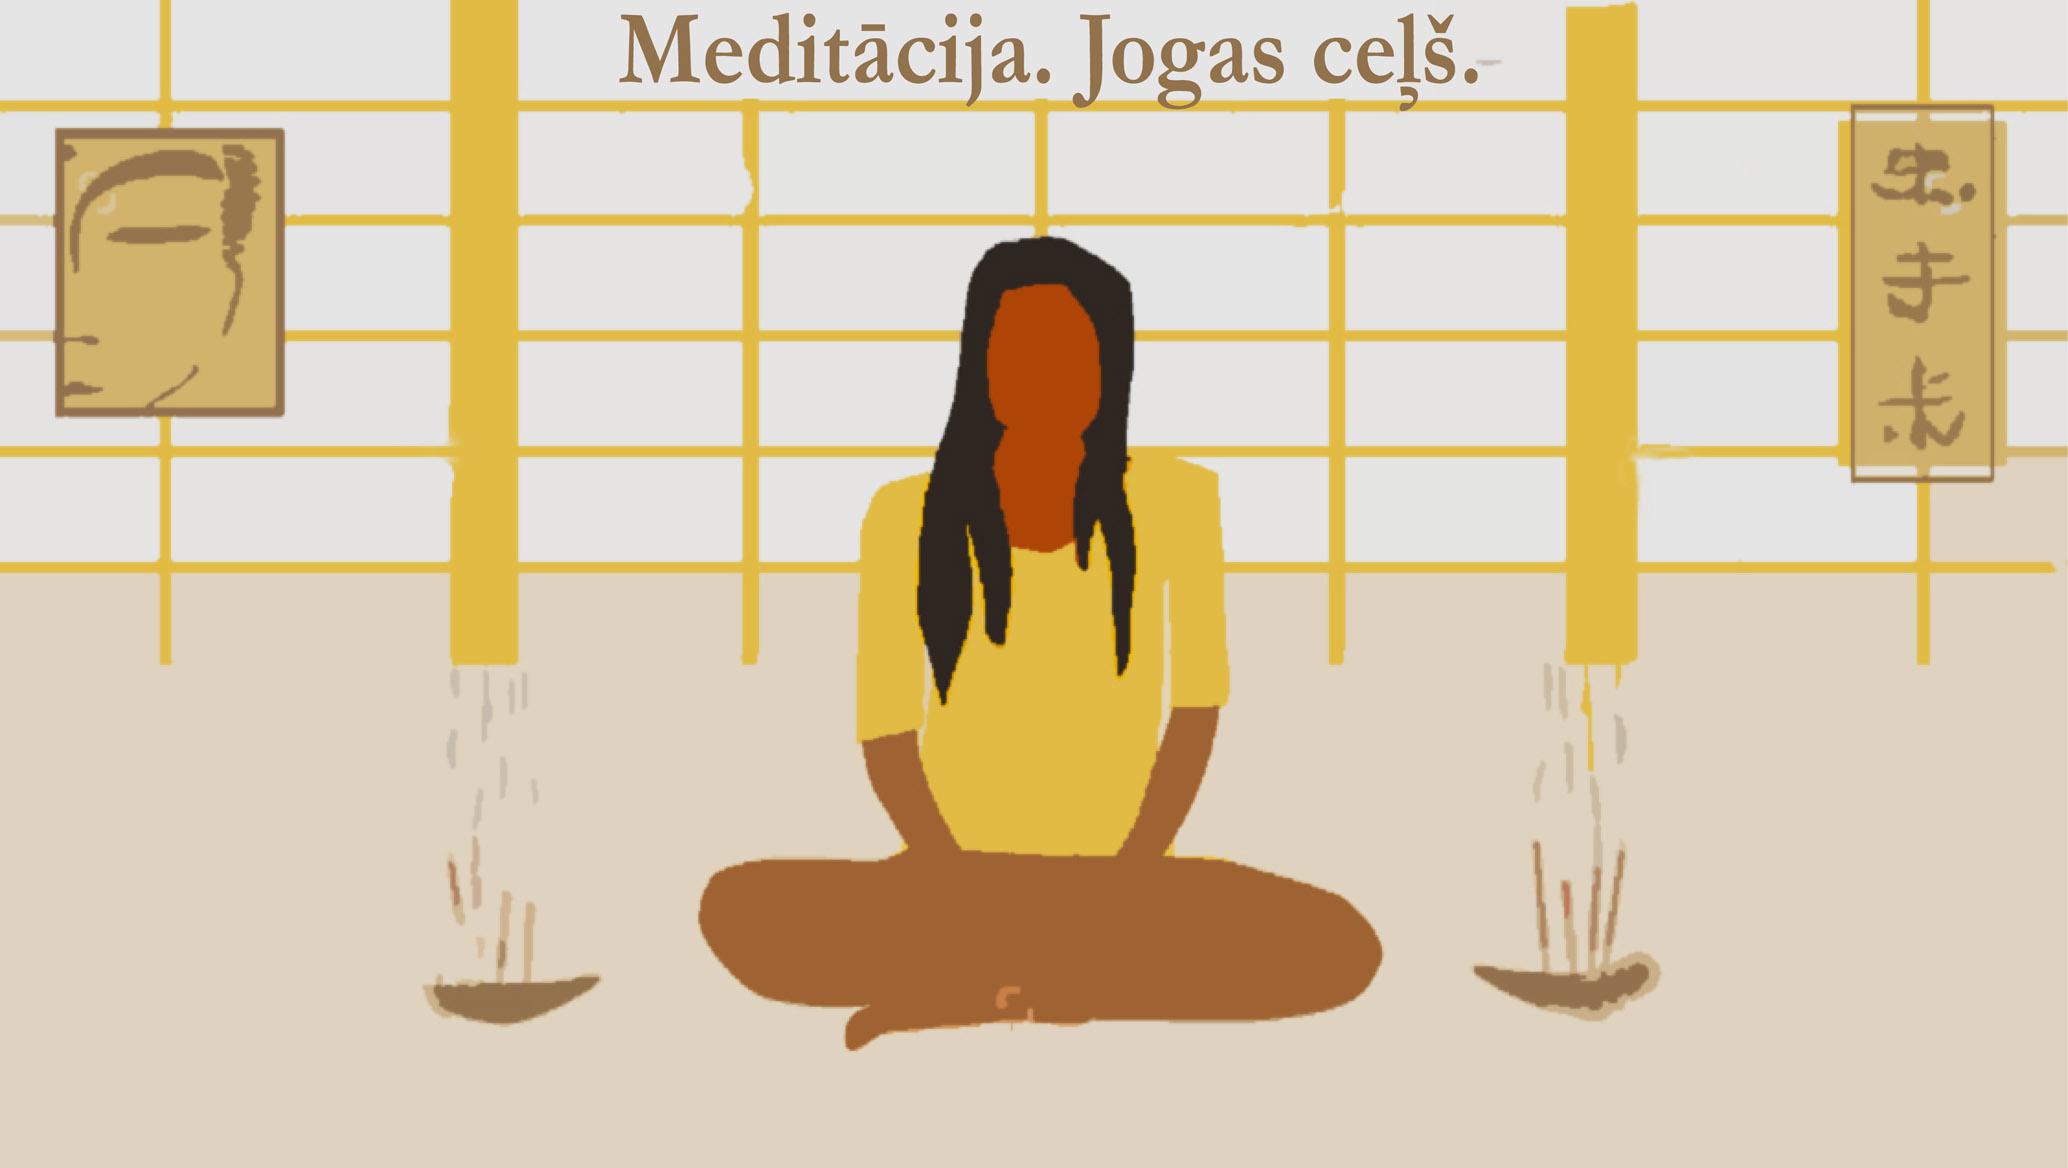 Meditācija, jogas ceļš